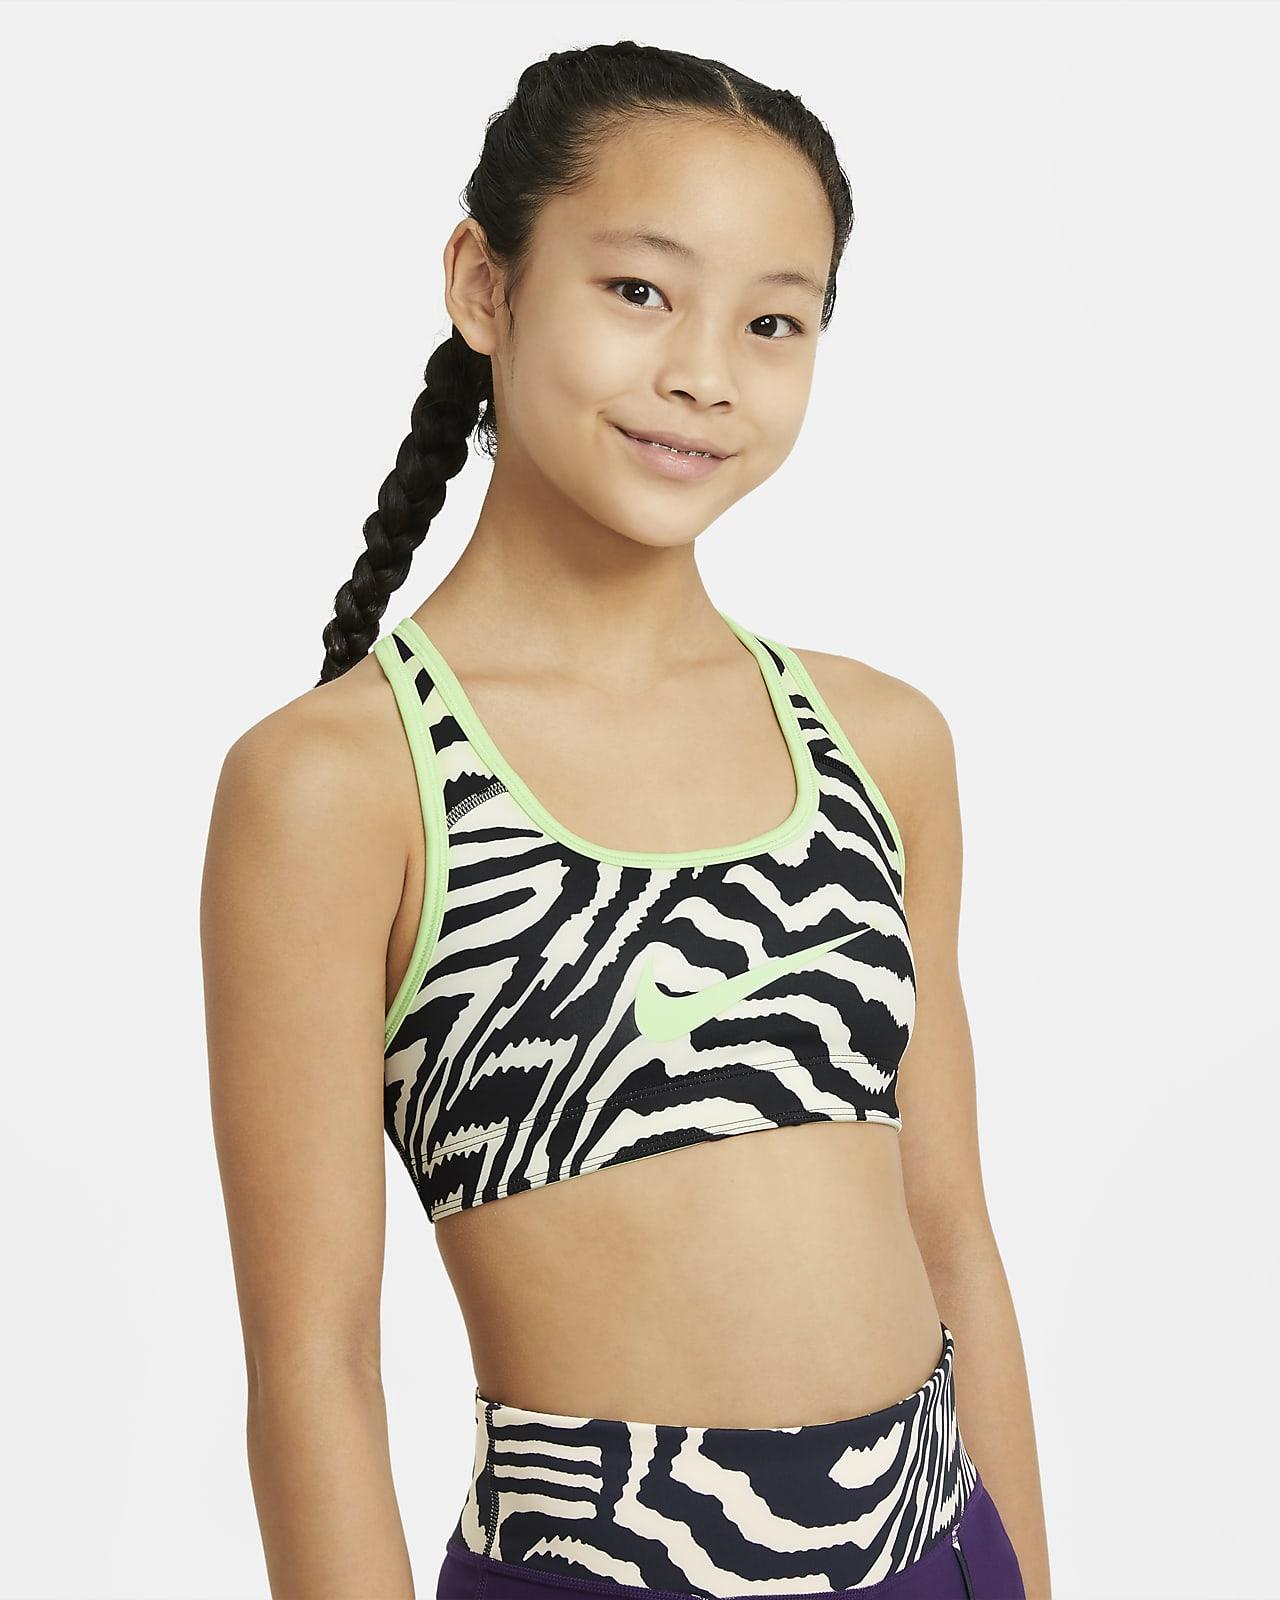 Спортивное двустороннее бра с принтом для девочек школьного возраста Nike Swoosh